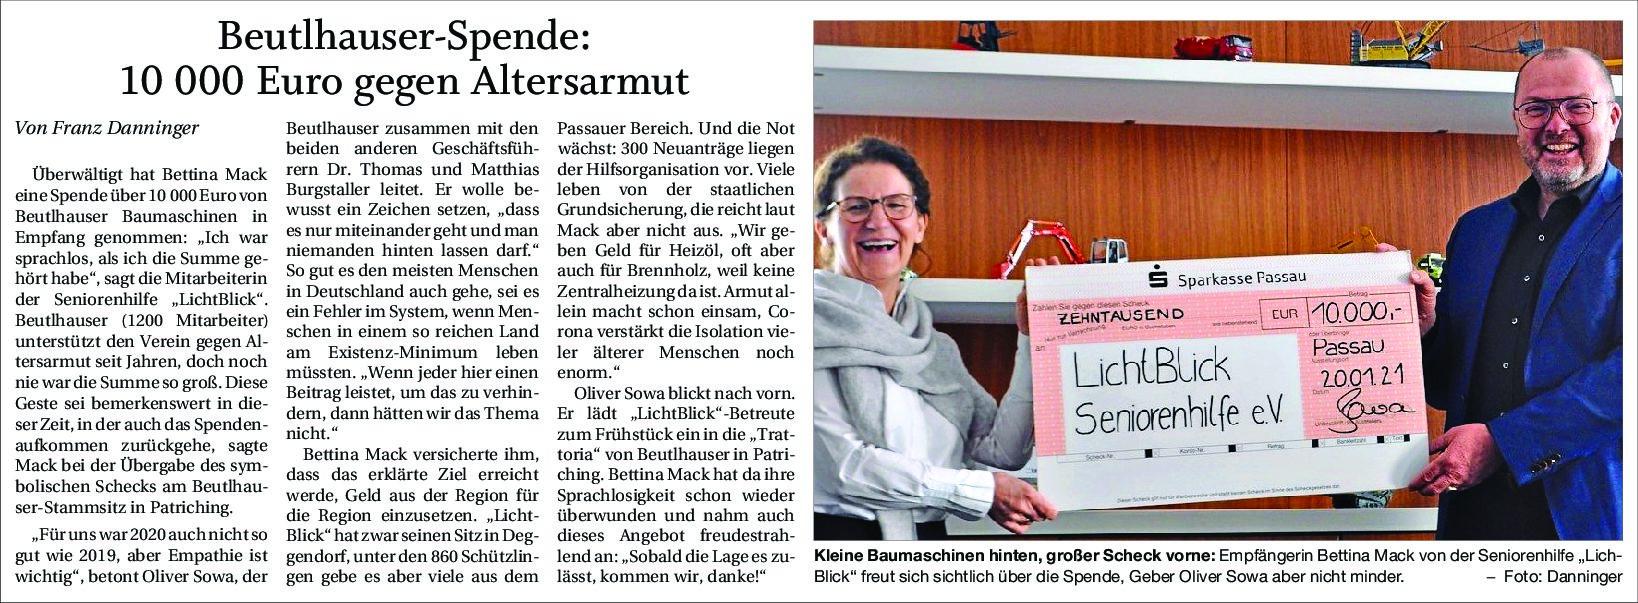 26.01.2021 | Passauer Neue Presse | Beutlhauser-Spende